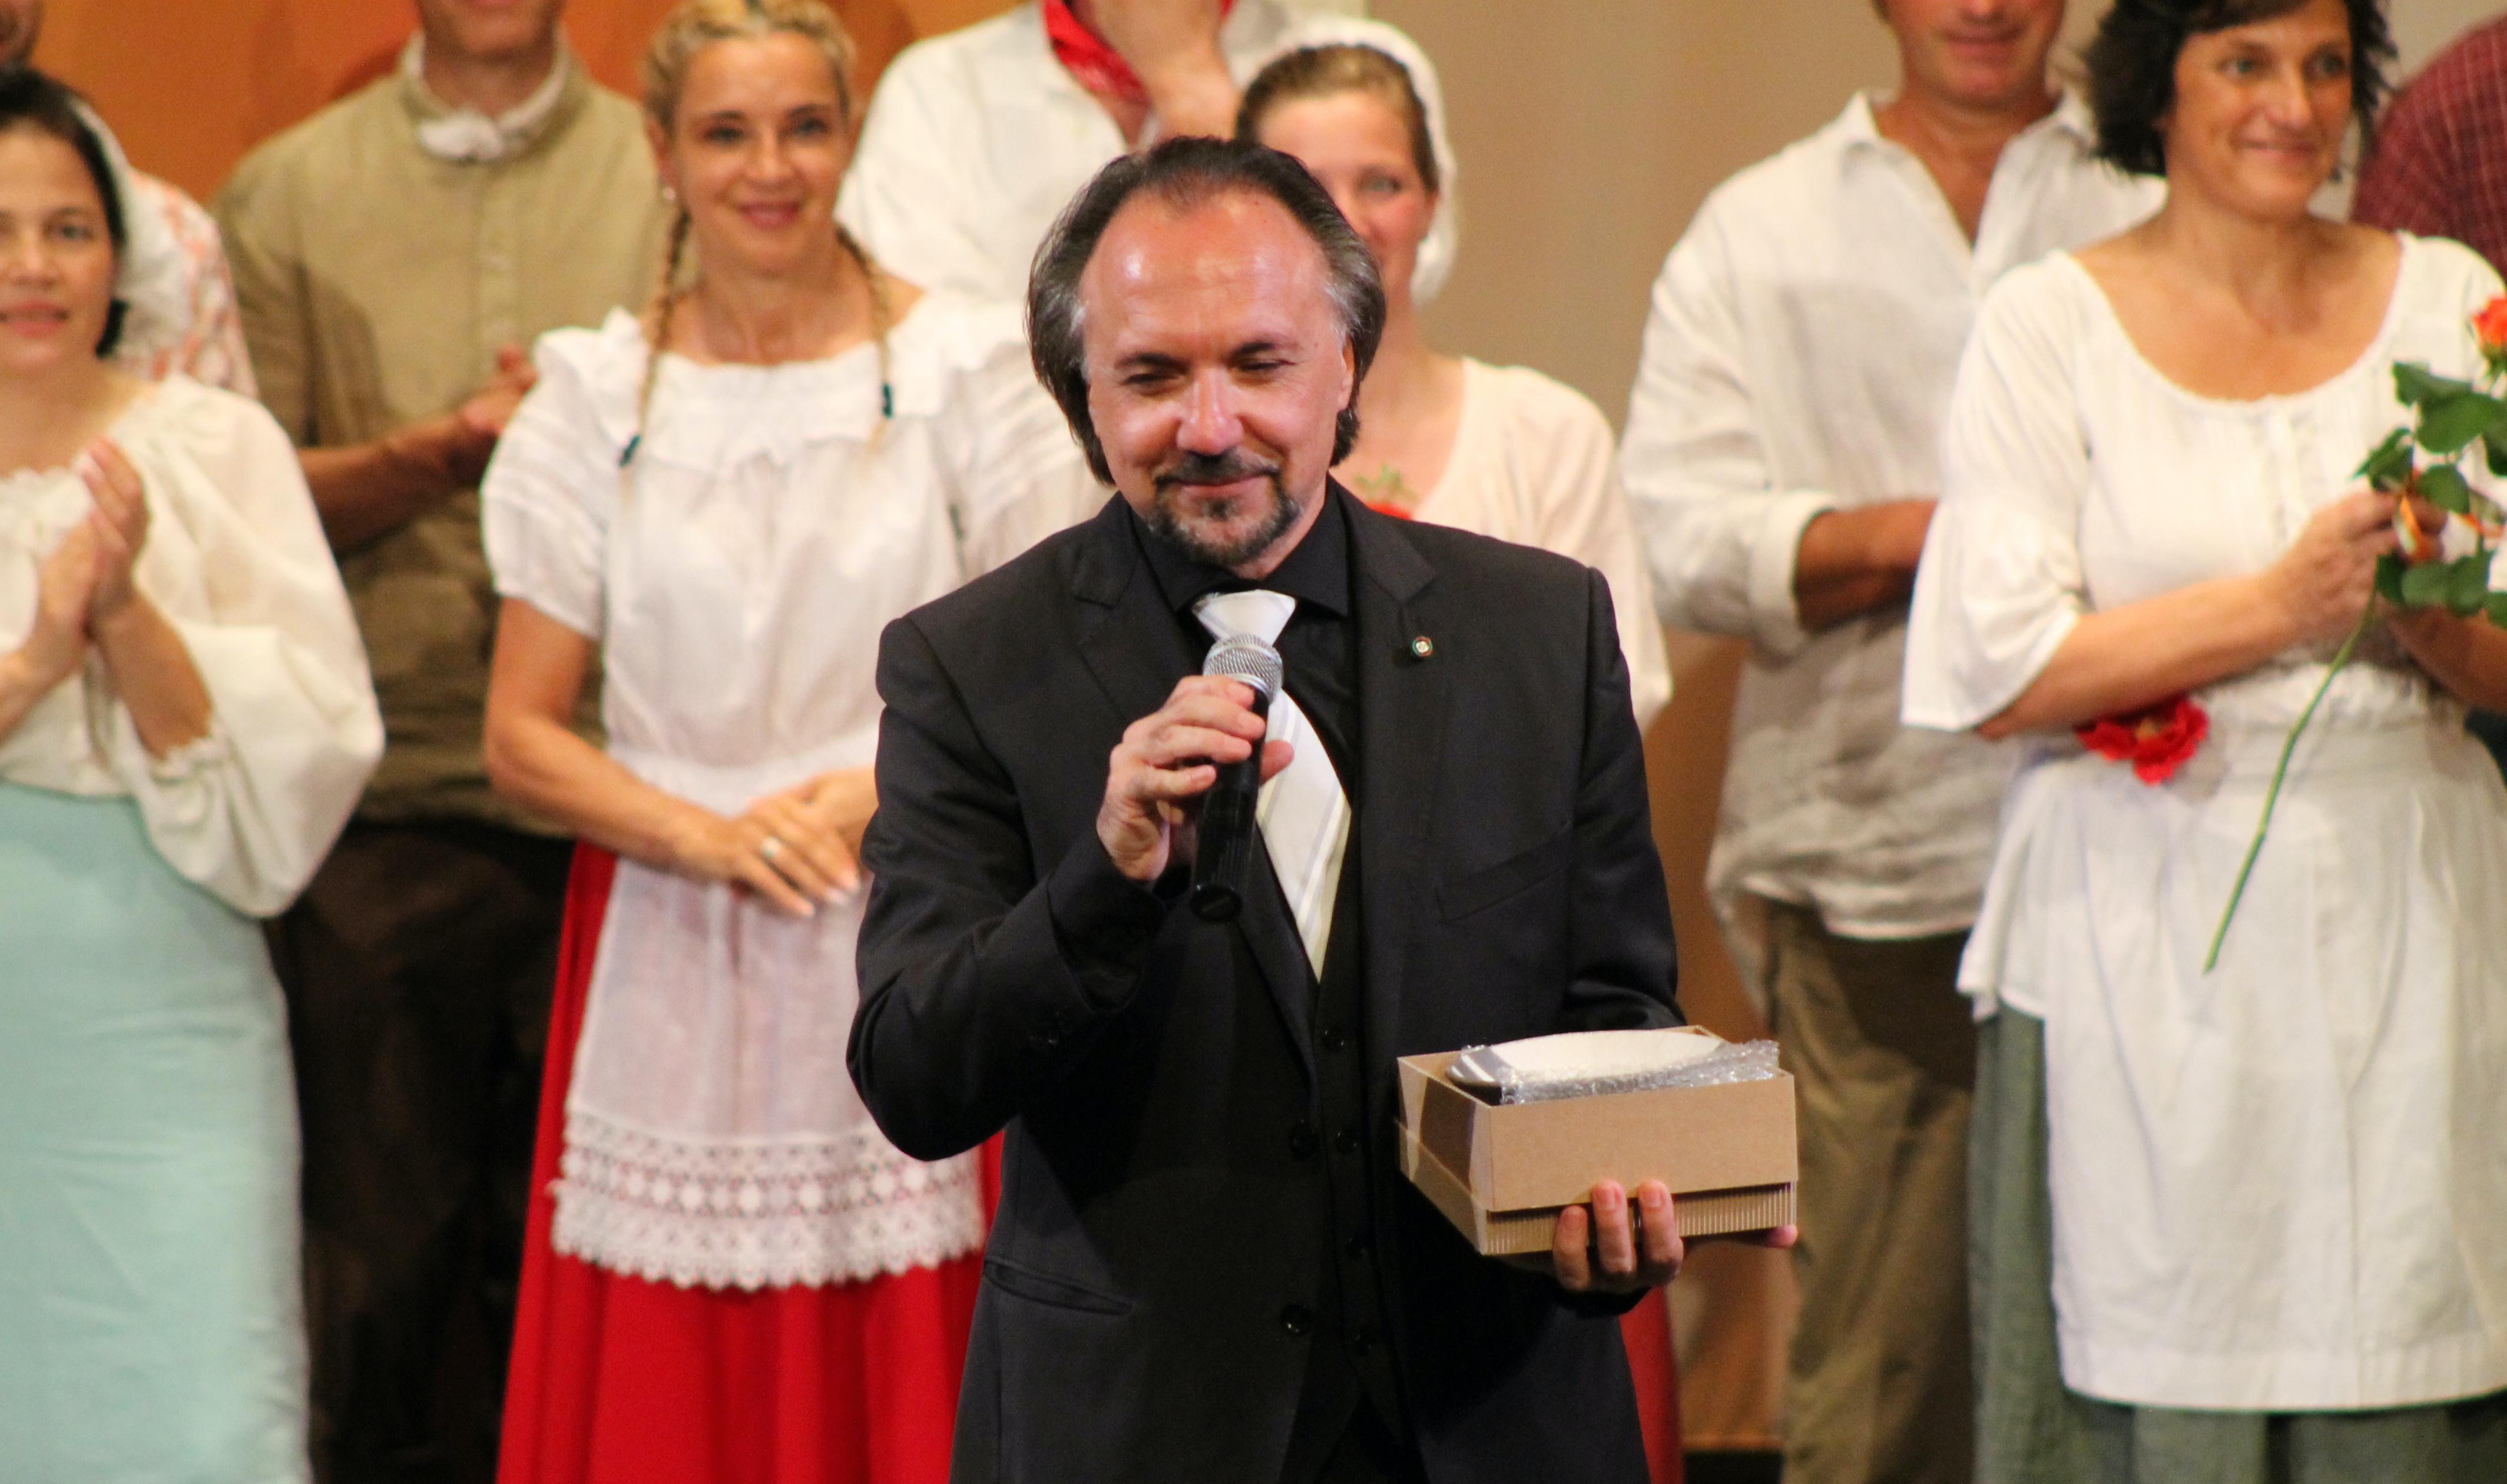 Immagine per L'Elisir d'amore strega il pubblico: premiato il maestro di Farra, Alessandro Svab